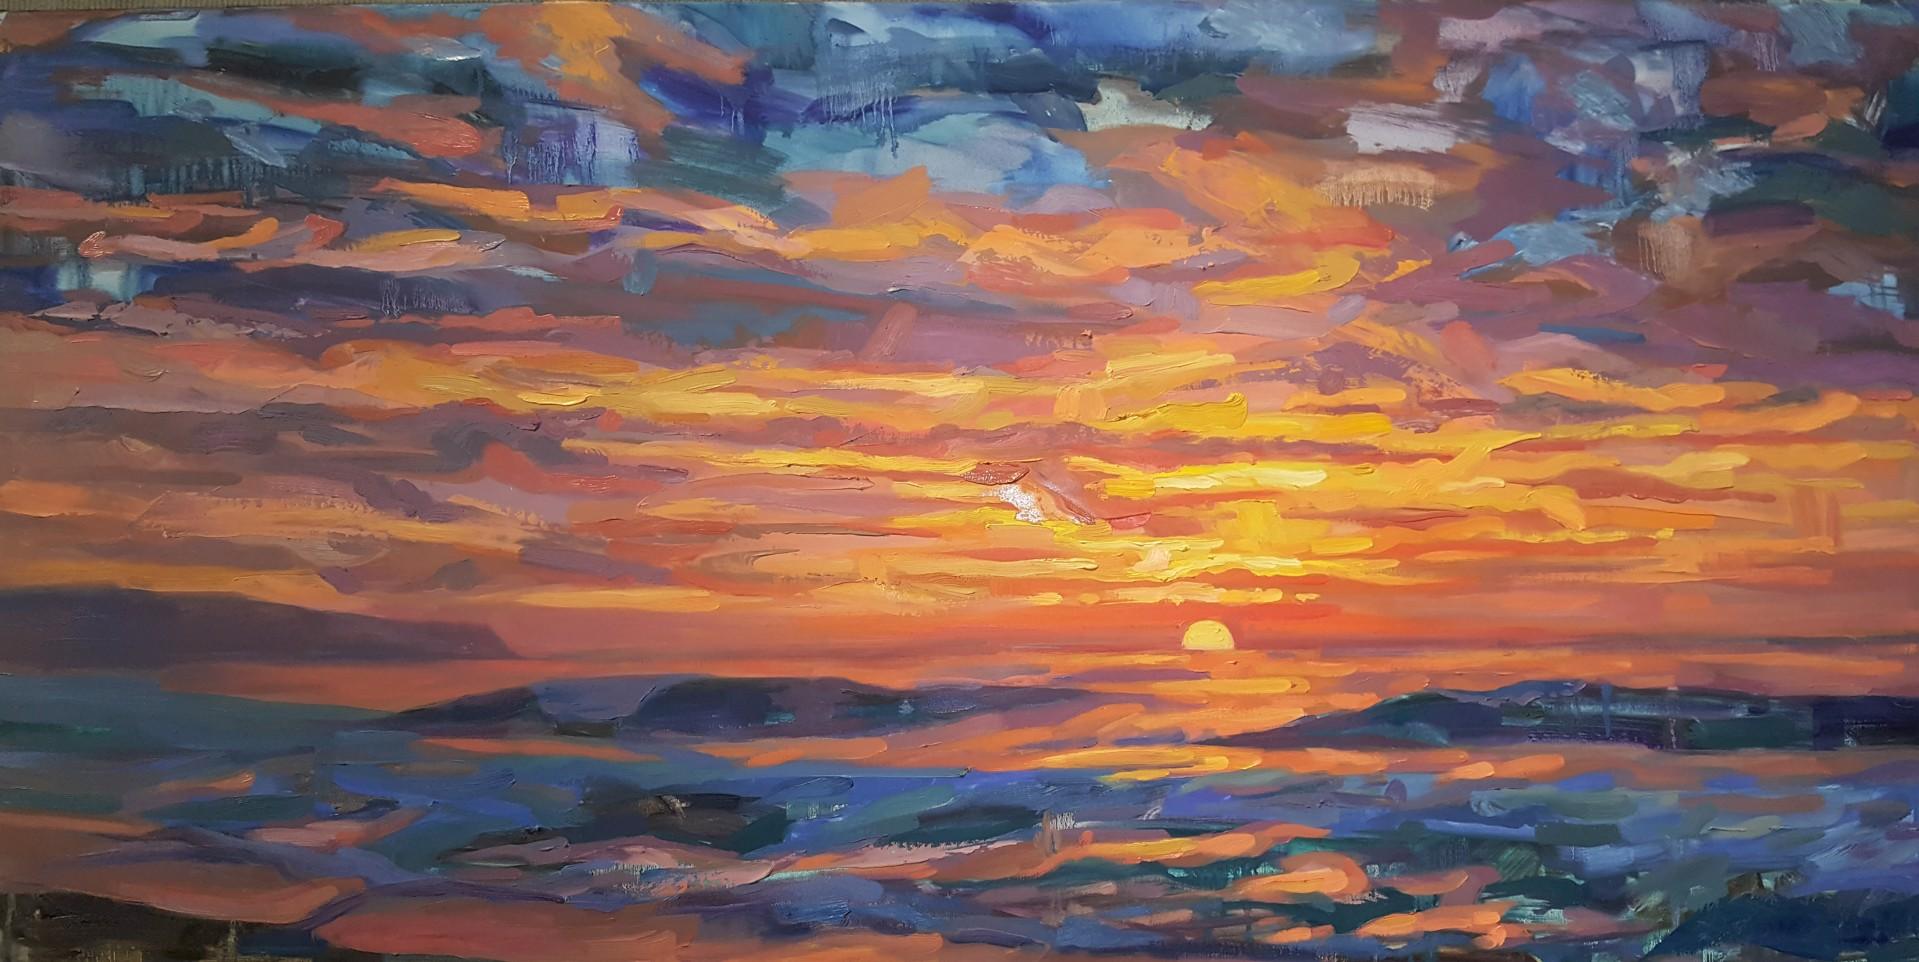 Sunset Beach, Hawaii by Isabel Emrich